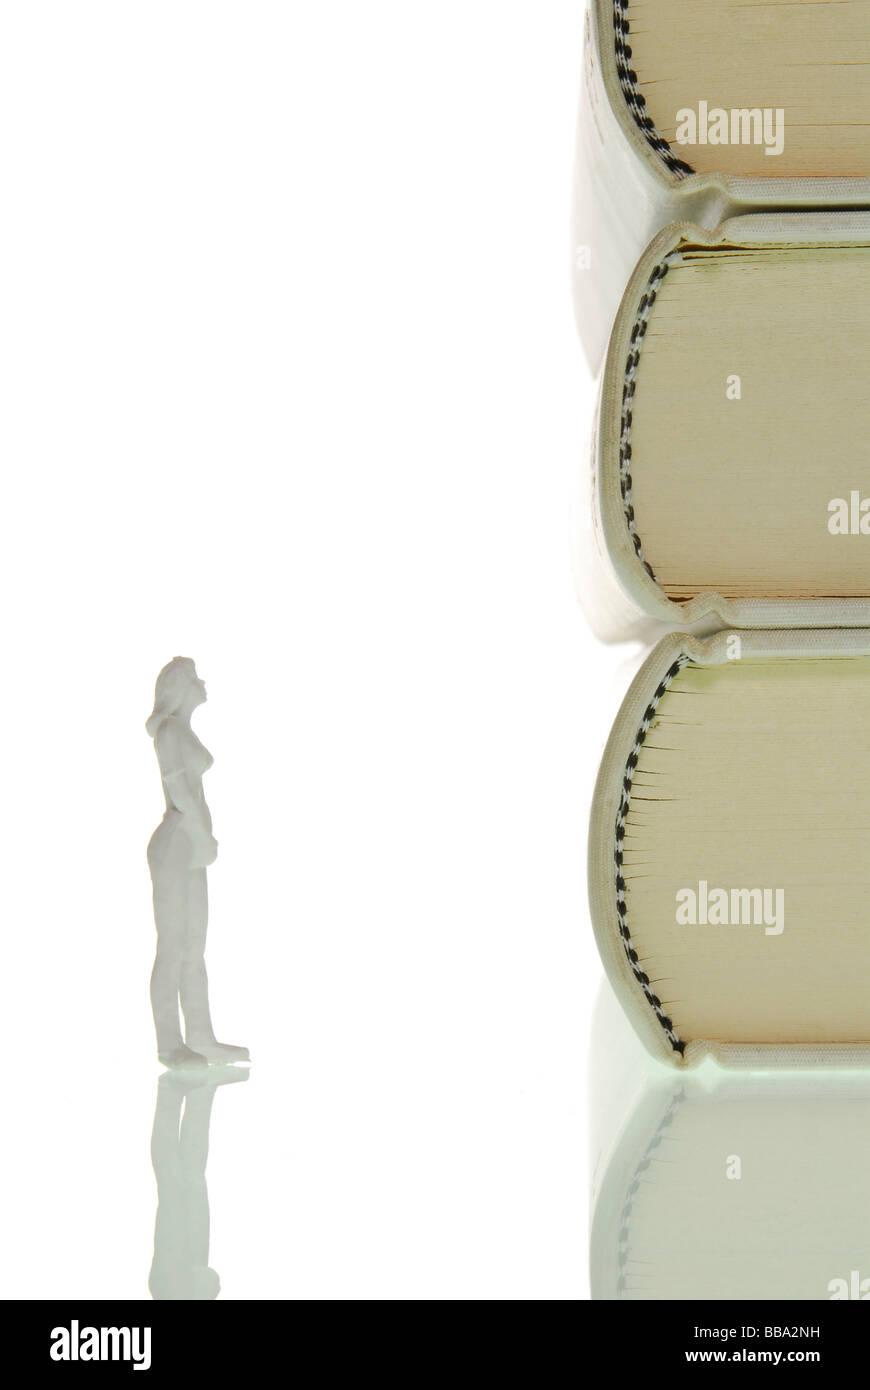 La figure d'une femme miniature avec curiosité debout en face d'une pile de livres, image symbolique de la connaissance Banque D'Images